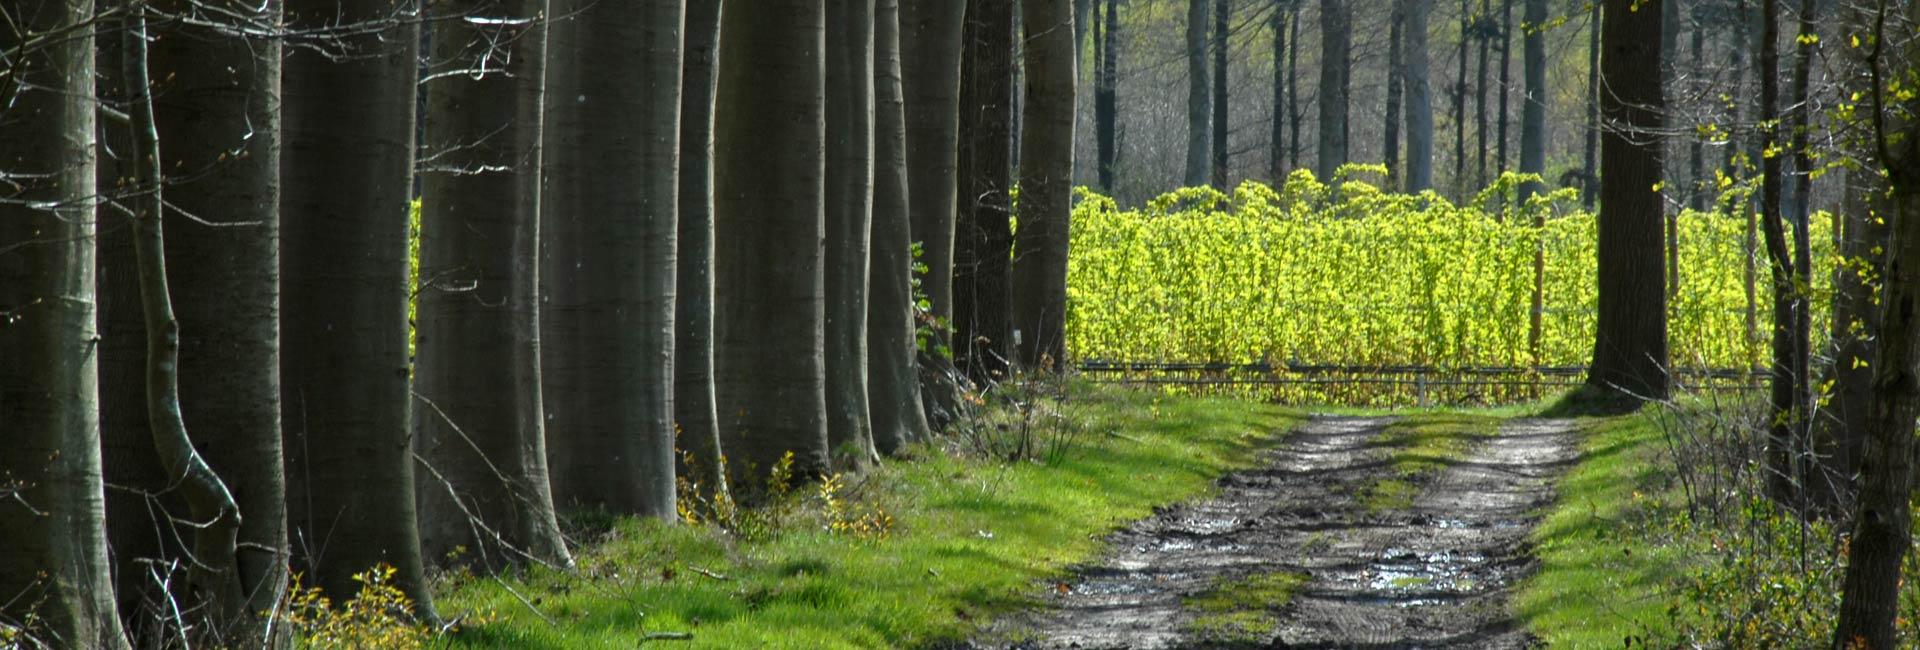 Beernem zicht door dreef op frambozenveld